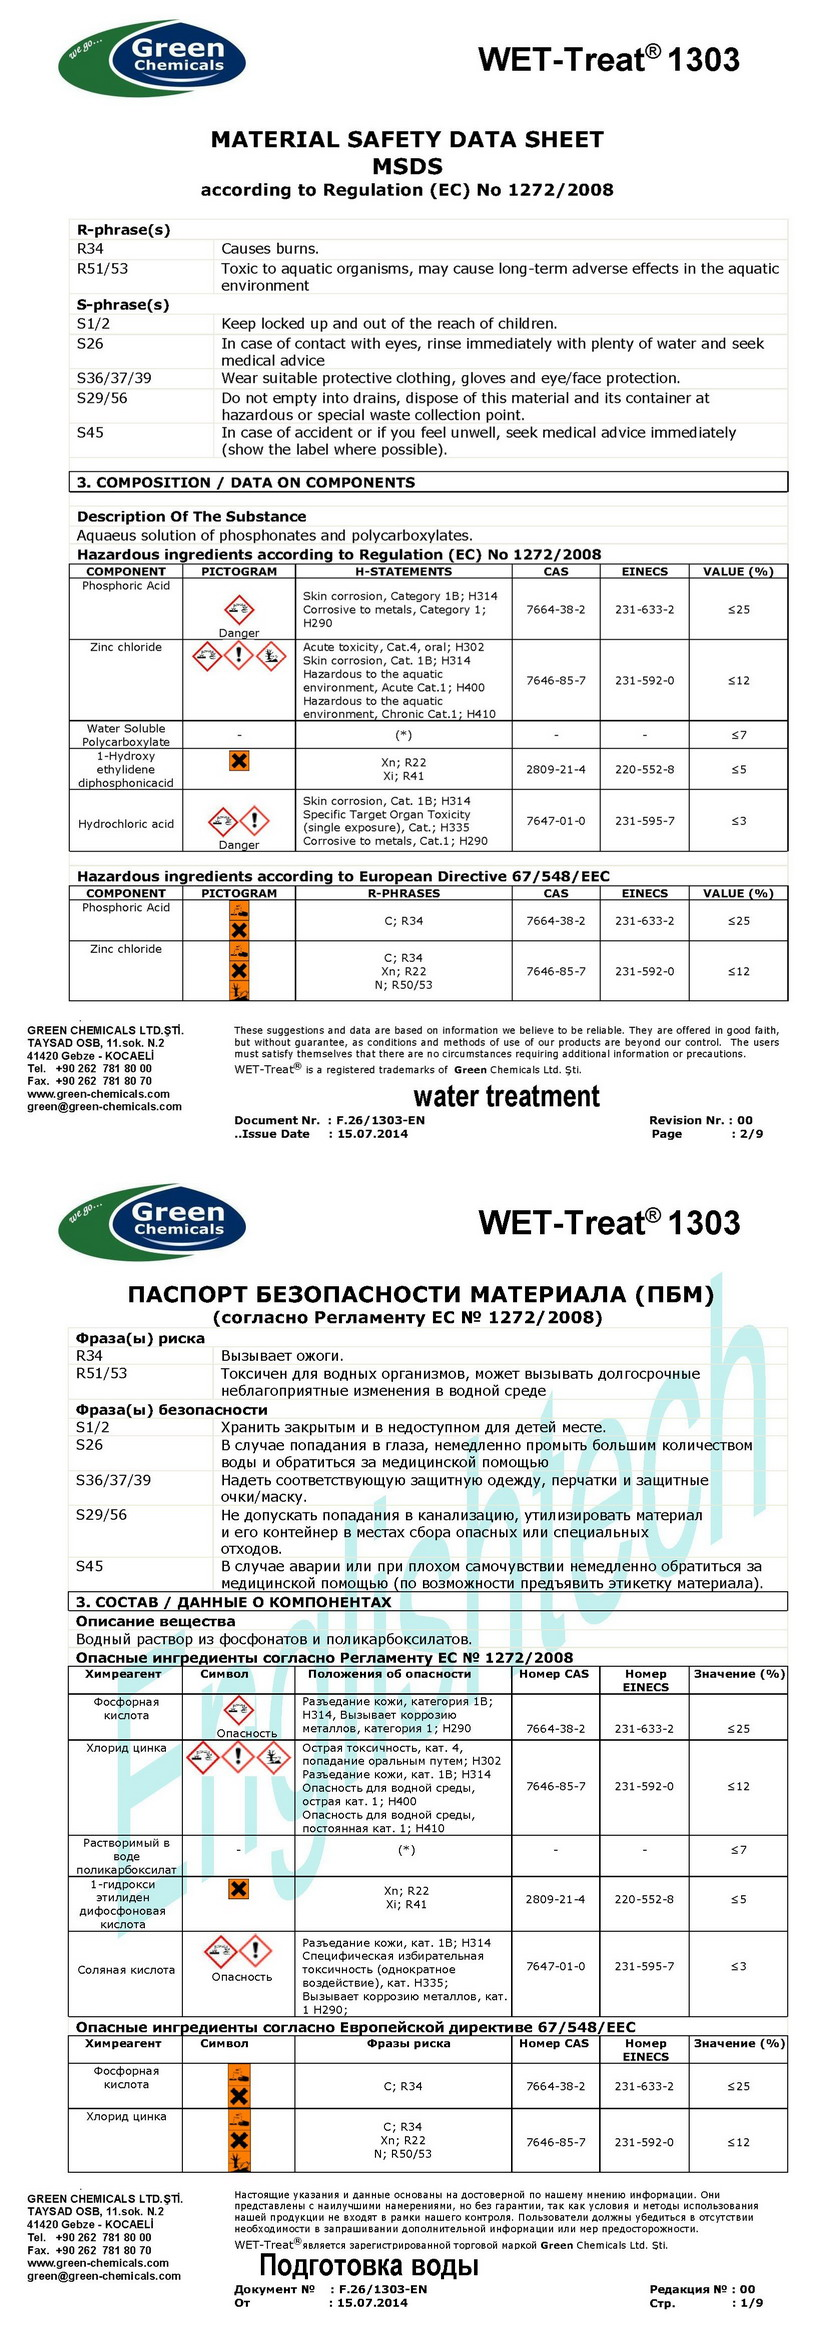 Паспорт безопасности химического вещества (MSDS)